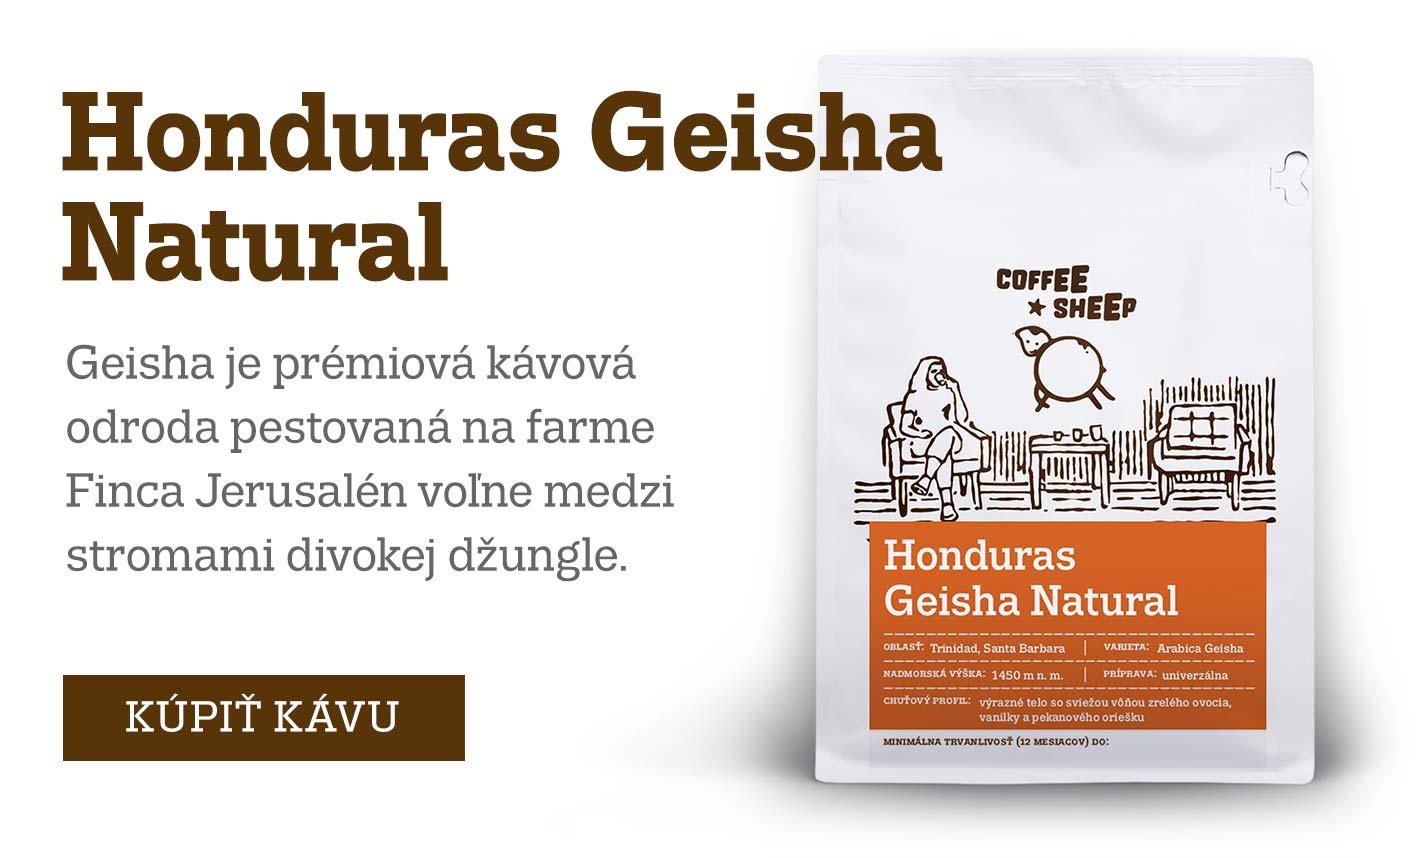 Honduras Geisha Natural - prémiová káva / limitovaná edícia